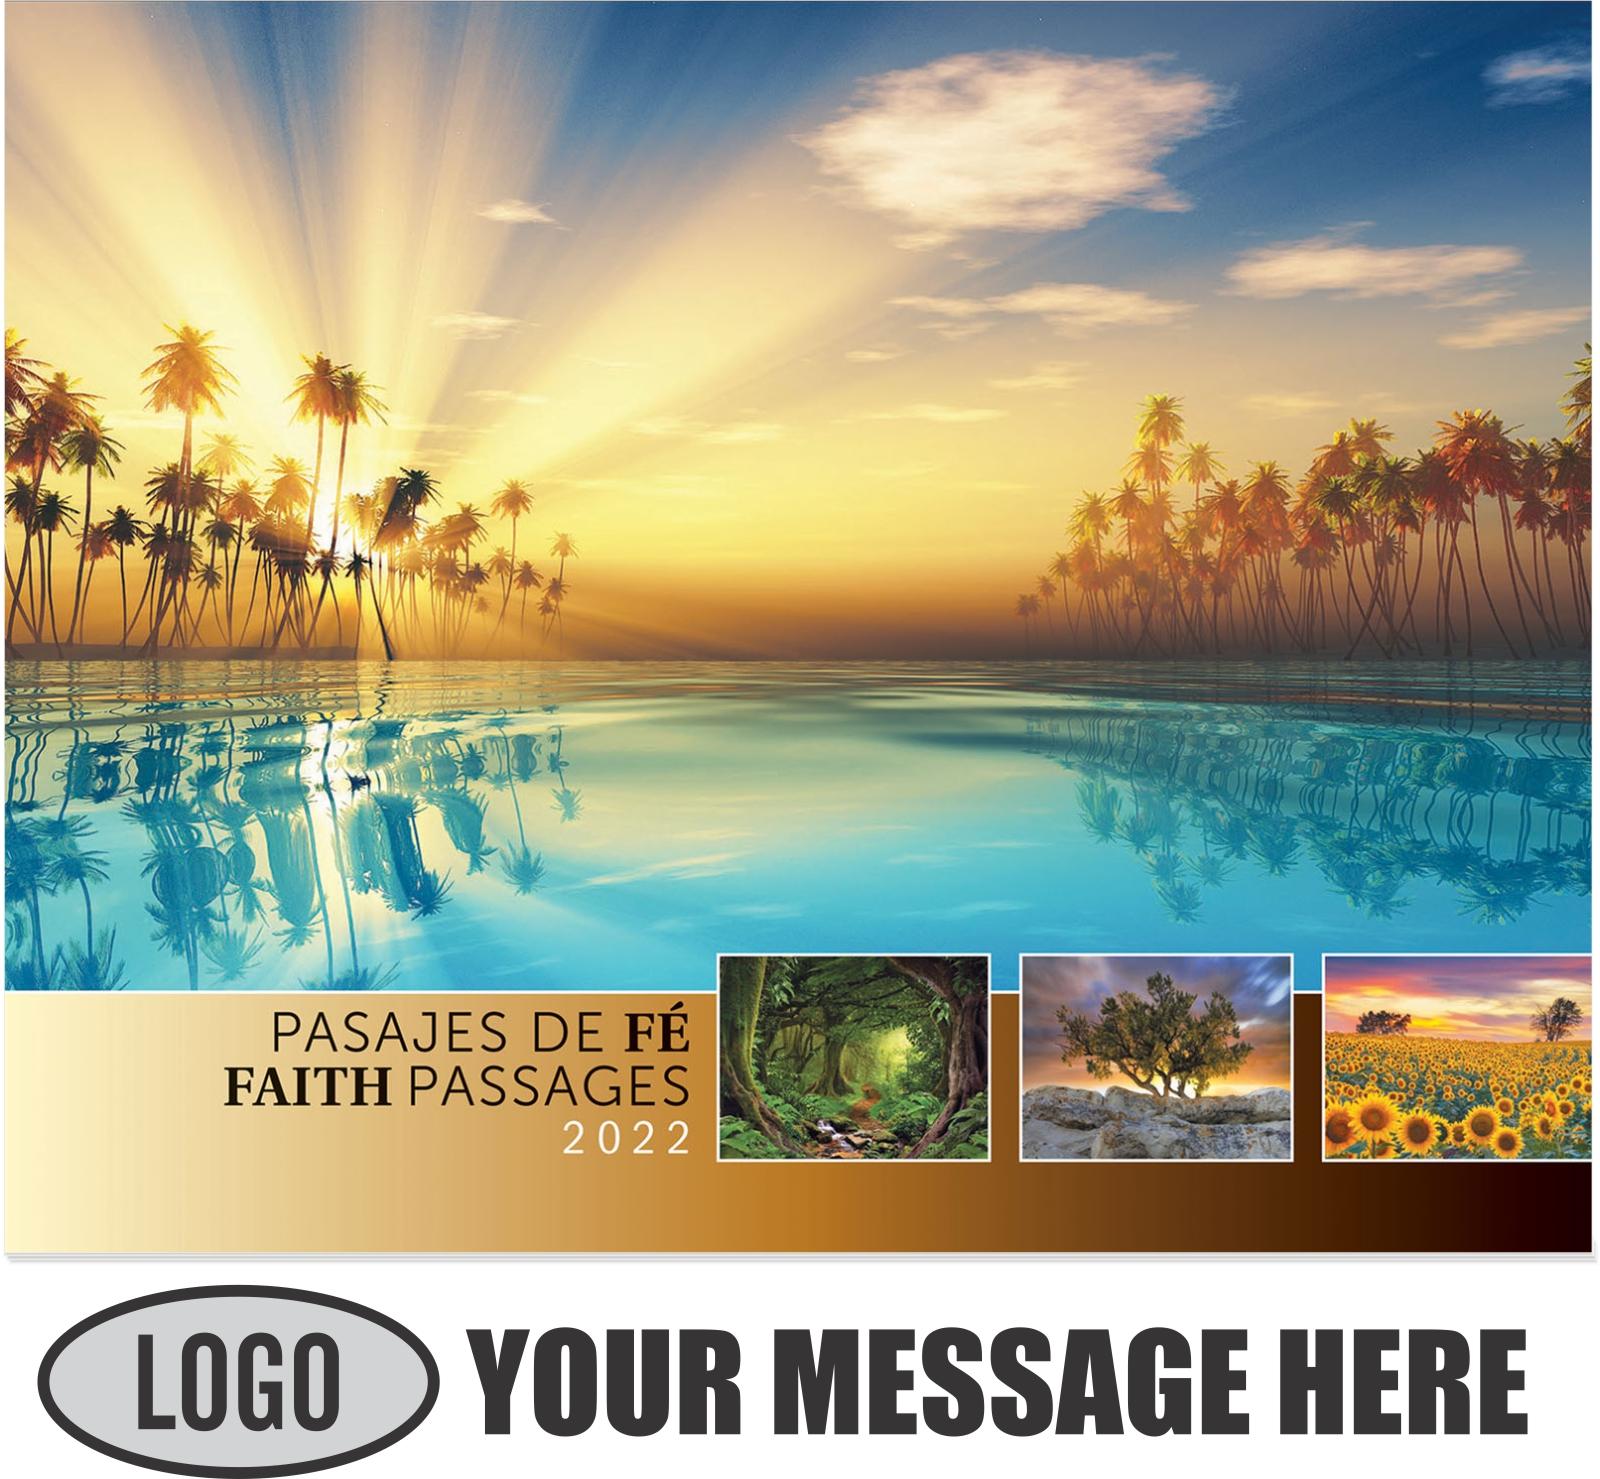 2022 Faith-Passages-Eng-Sp Promotional Calendar